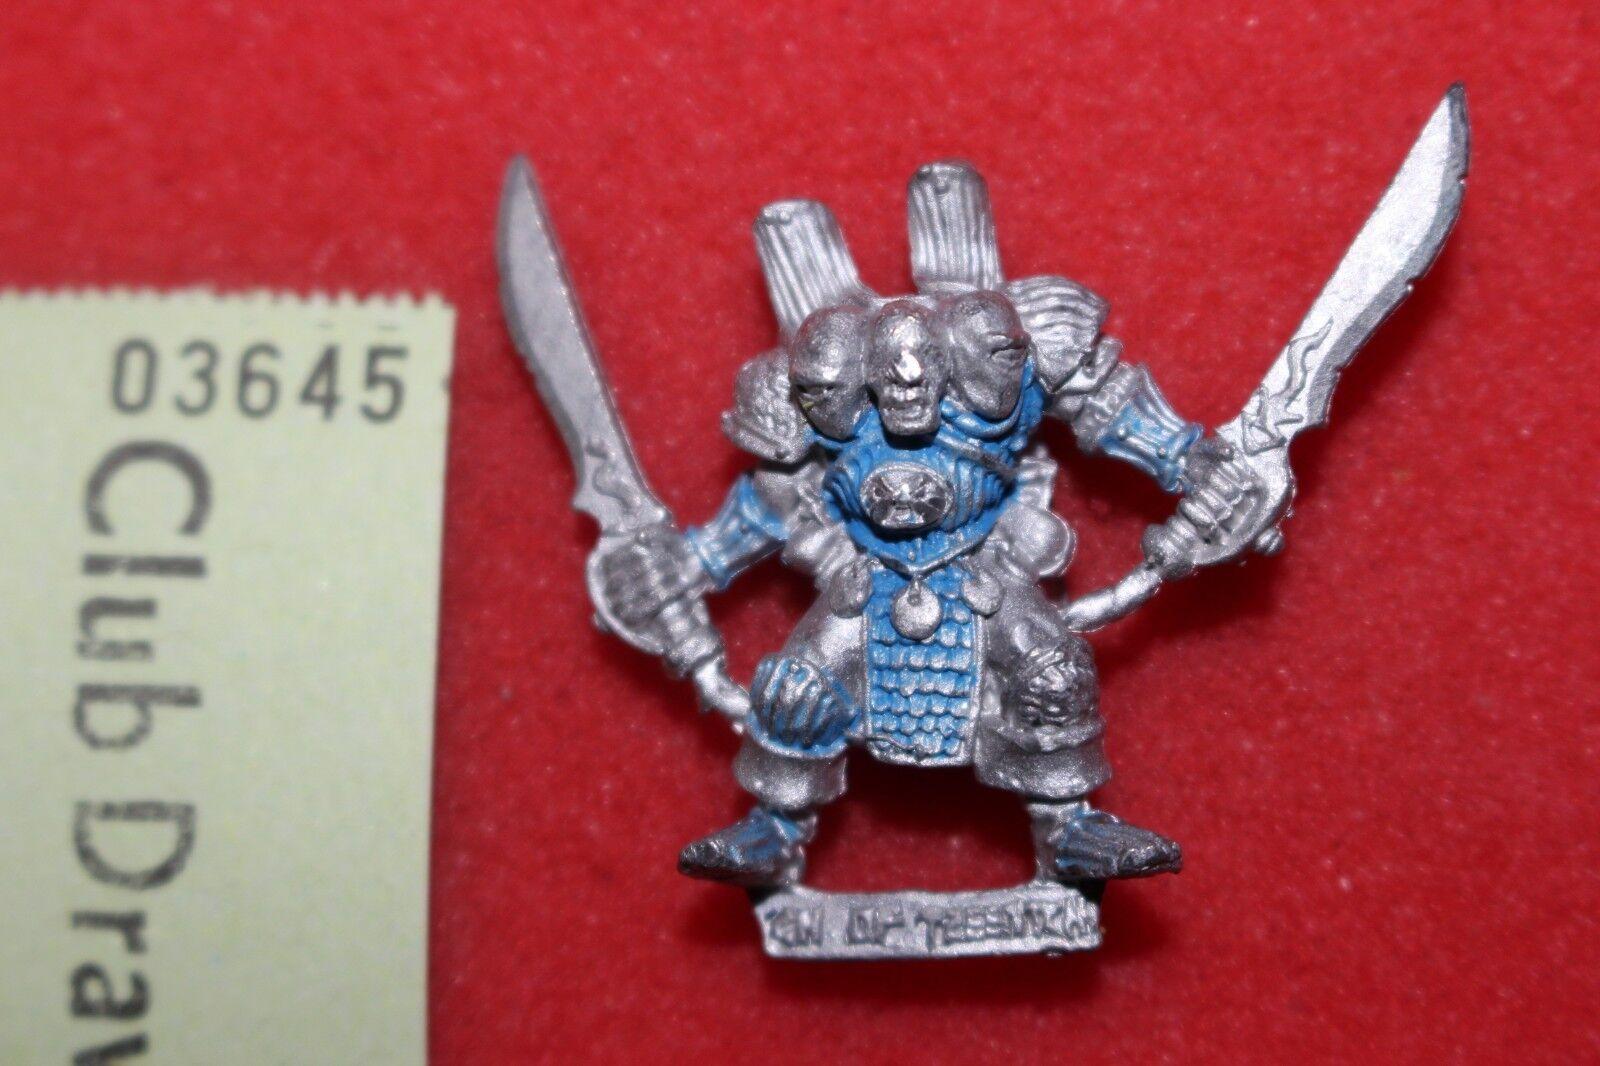 Games Workshop Warhammer Chaos Champion of Tzeentch Citadel Metal Swords 1980s